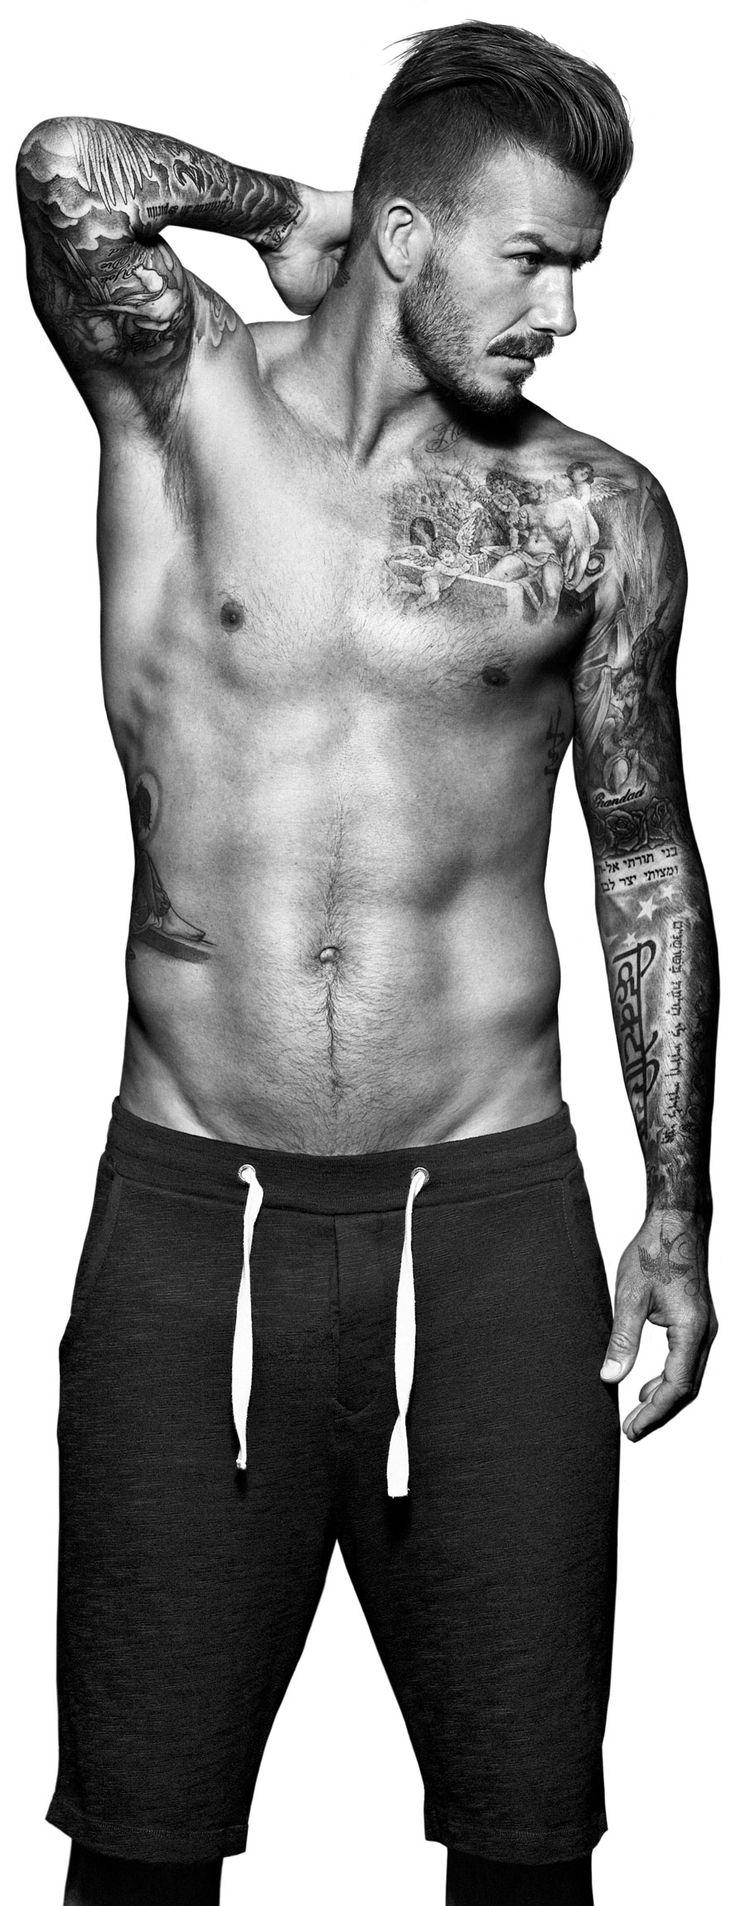 David Beckham Bodywear for H David Beckham Bodywear ist exklusiv bei H erhältlich. Sieh's dir an auf hm.com.